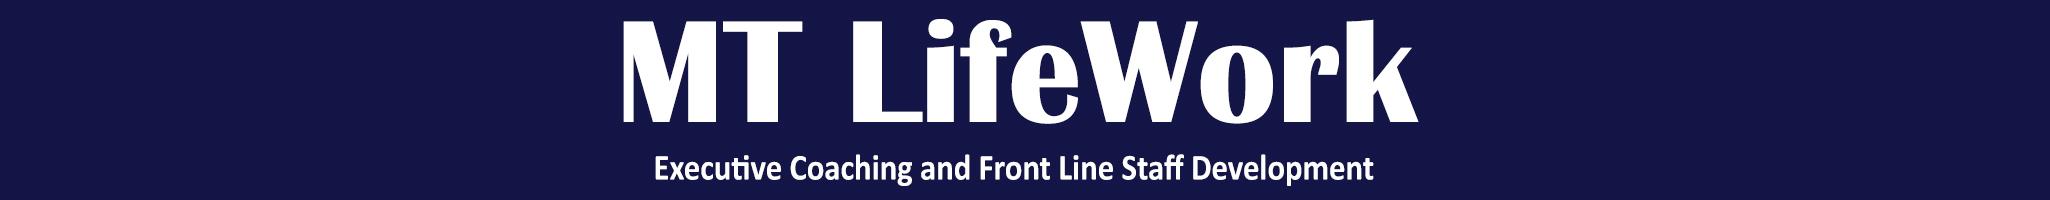 mt-lifework-logo-font